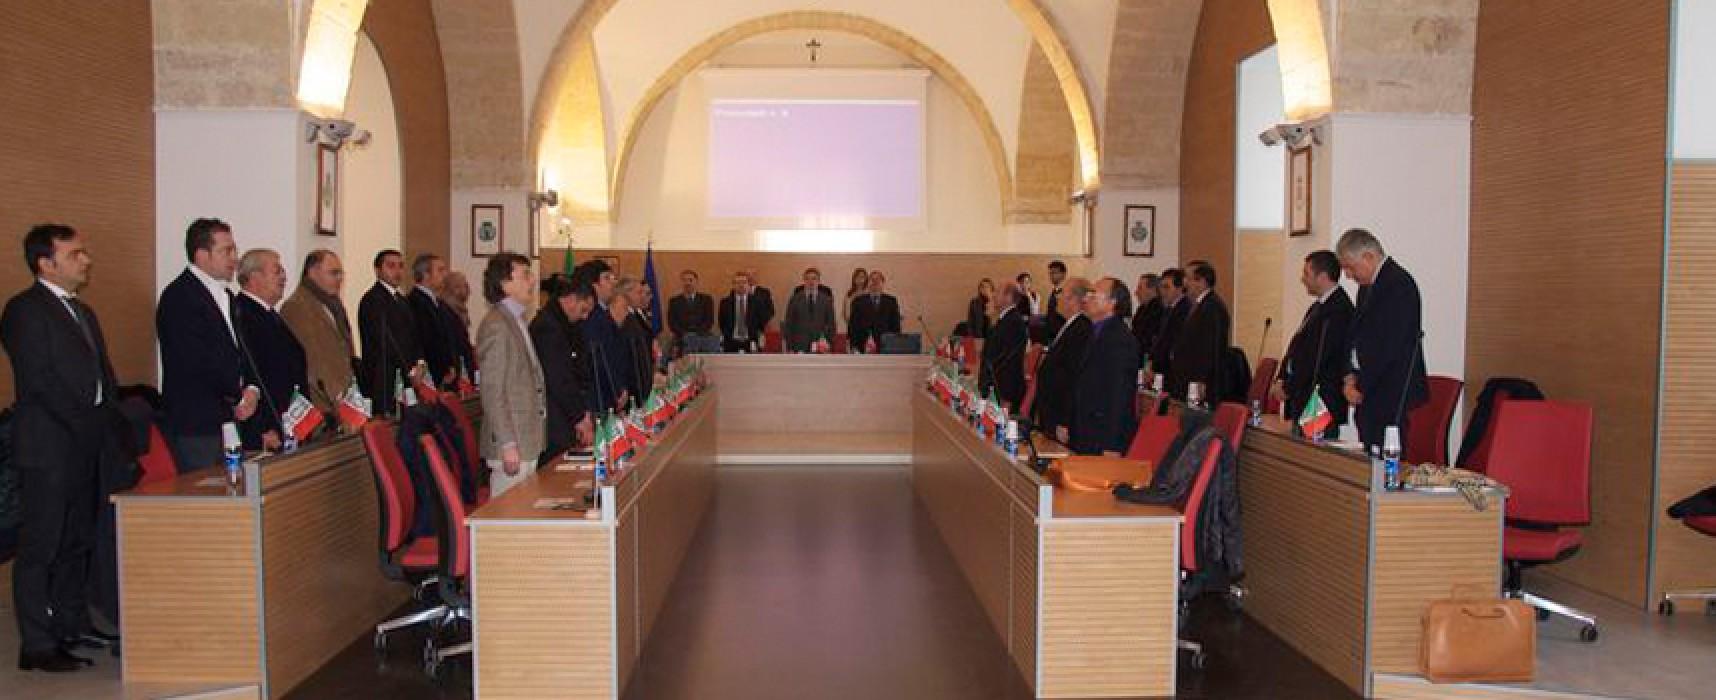 Provincia BAT: il 12 ottobre elezioni di Presidente e Consiglio Provinciale